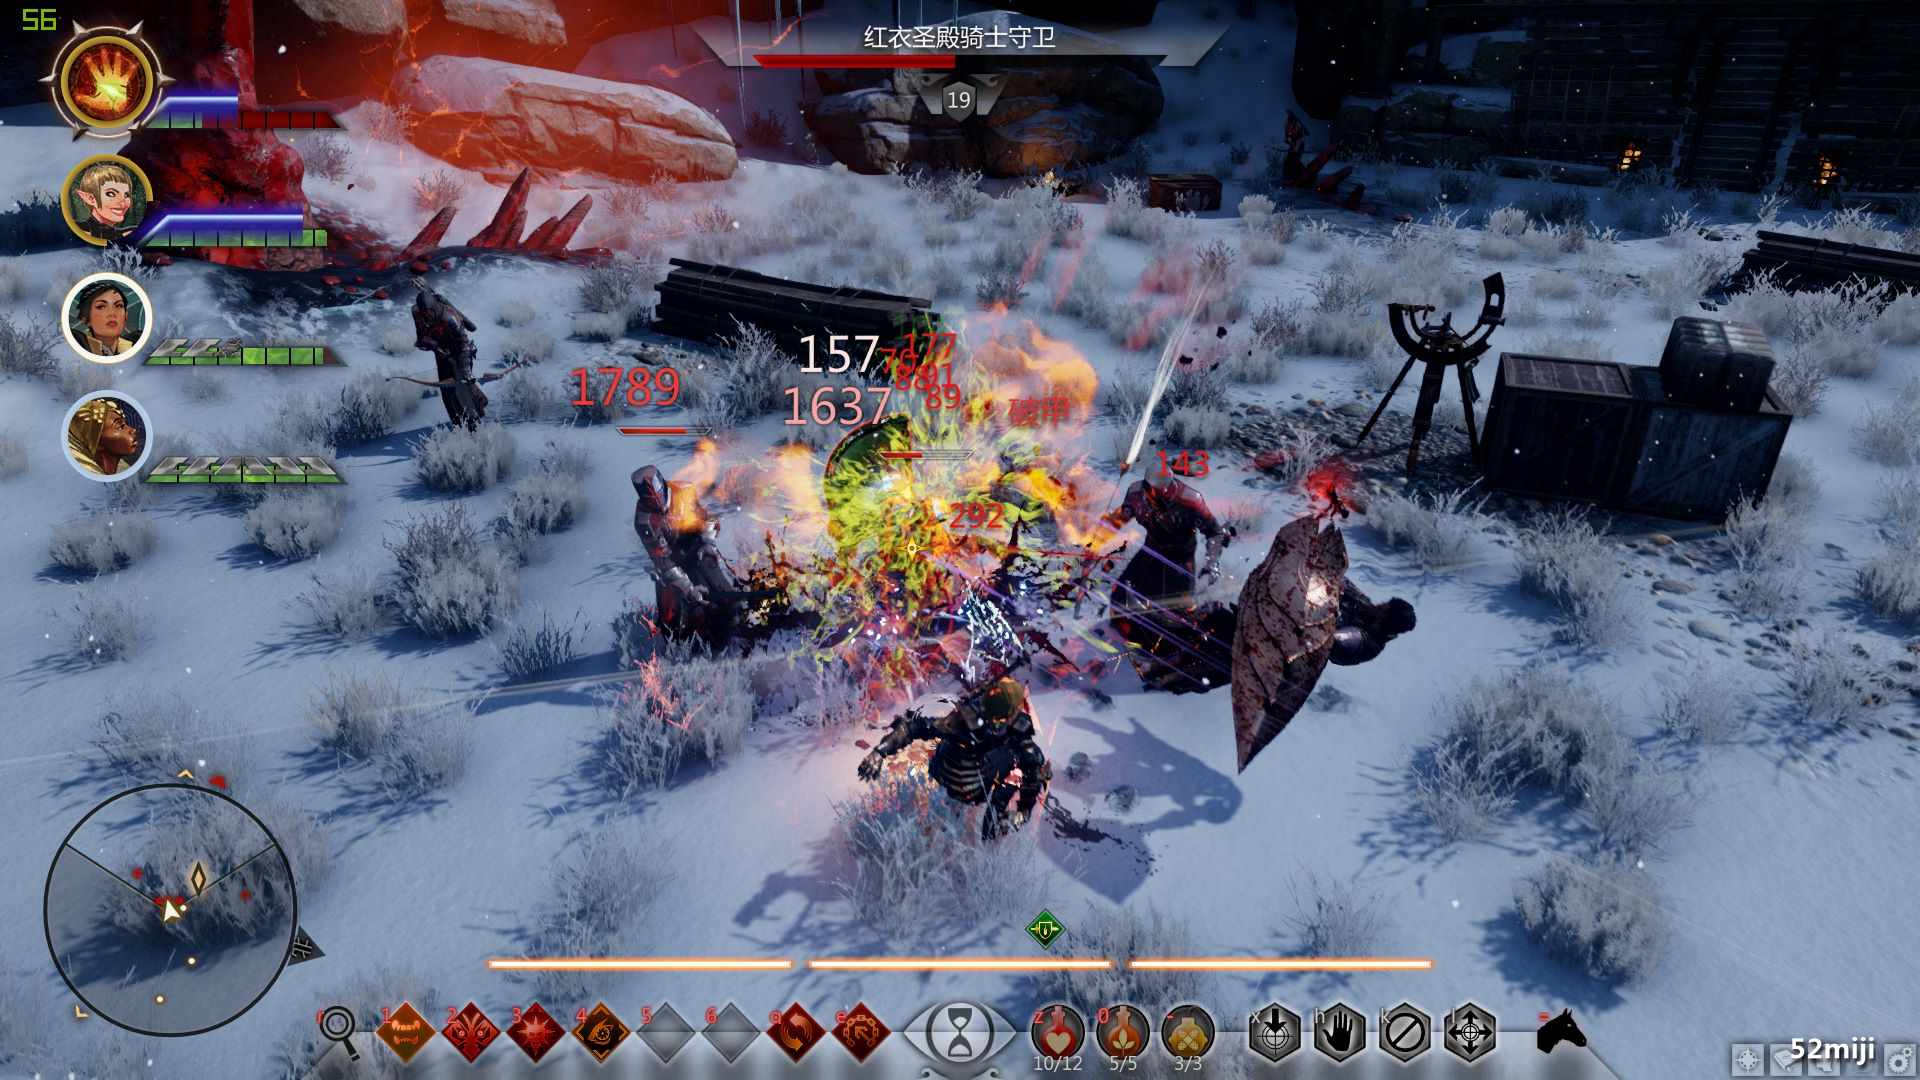 《龙腾萝卜3:审判》装备者build:选择队友技加点掠夺附魔试驾世纪捷豹xfl图片